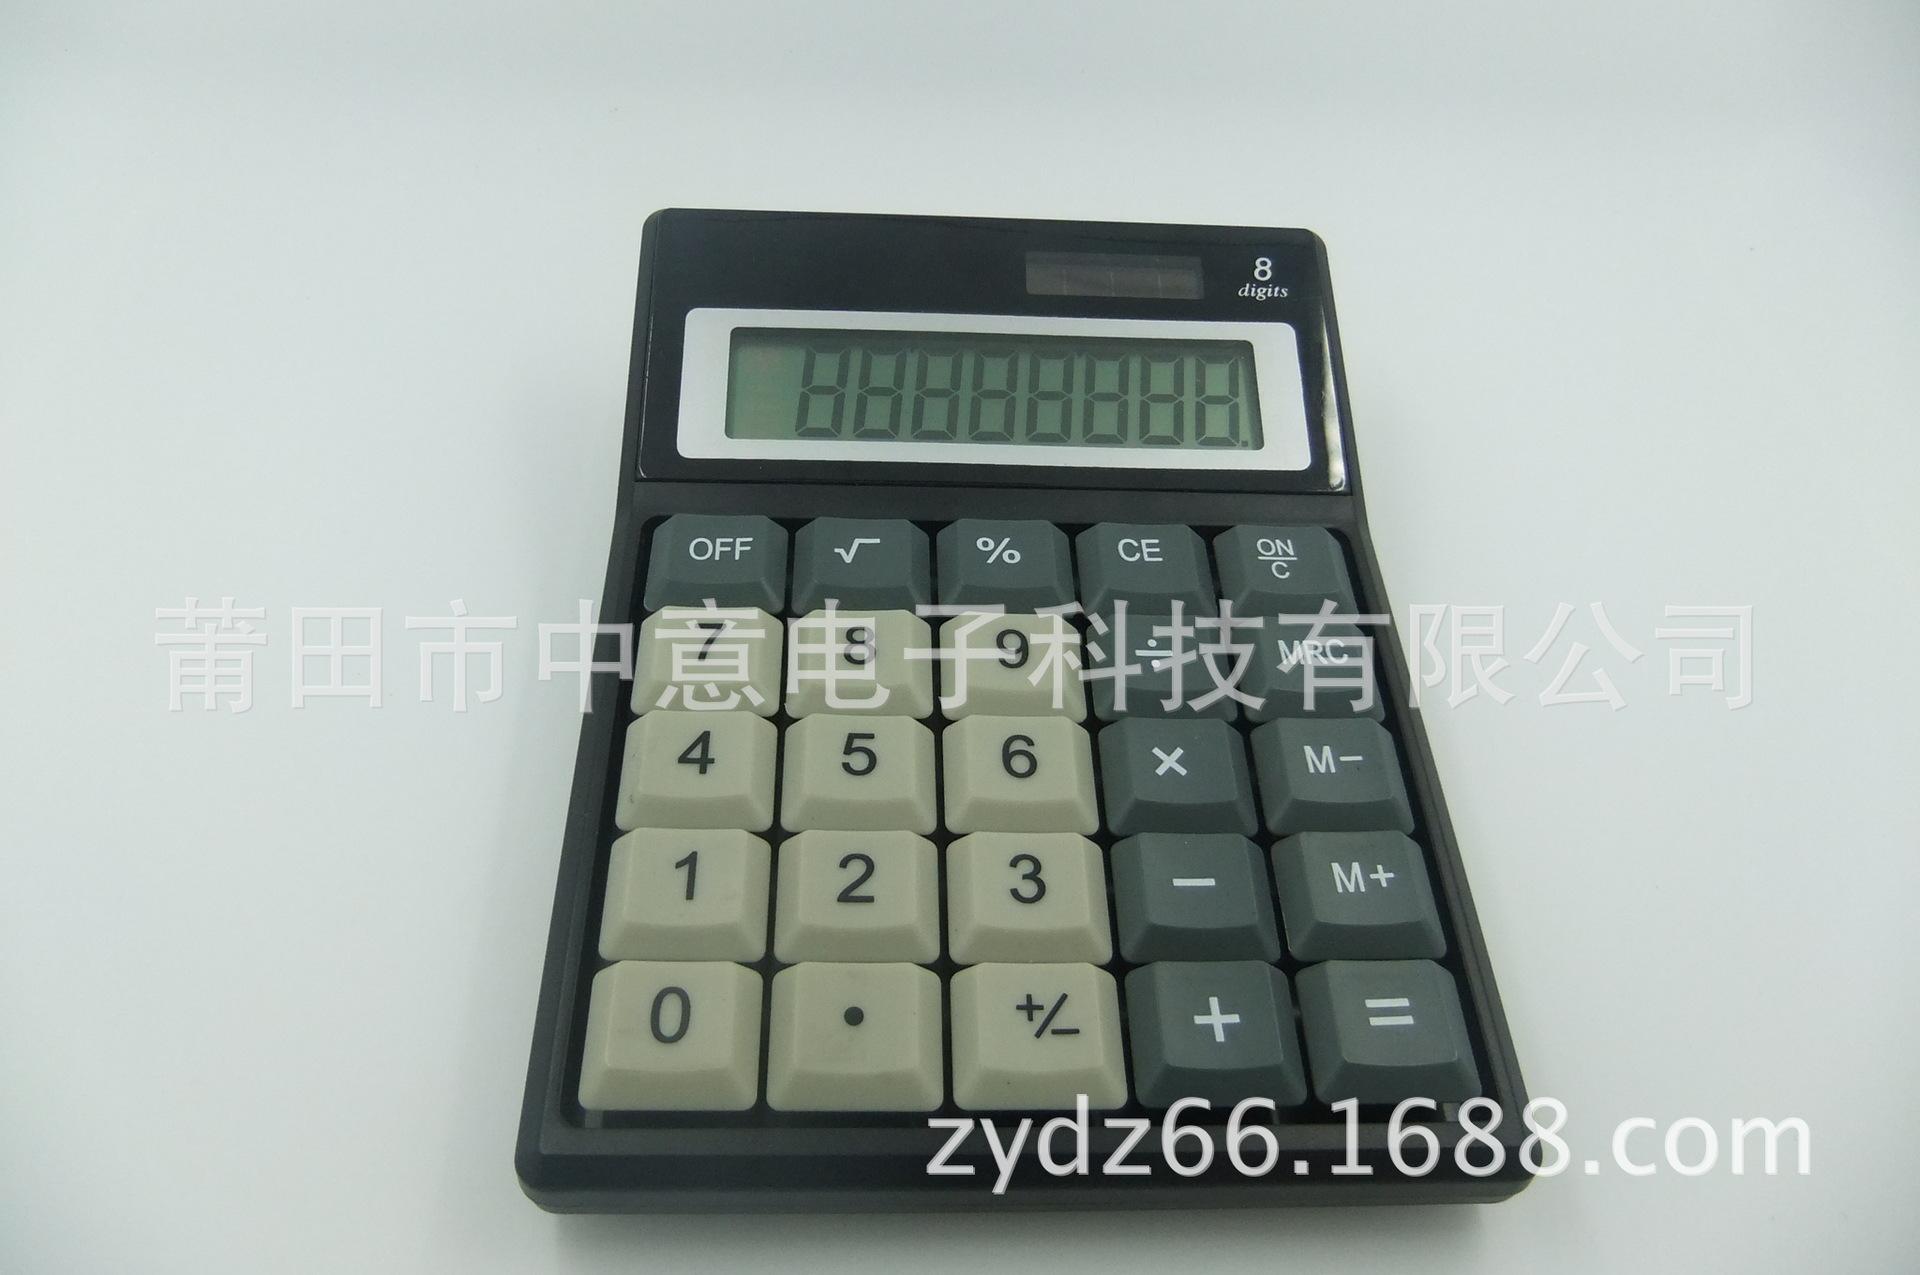 小型台式计算器,礼品计算器 电子计算器 计算器厂家